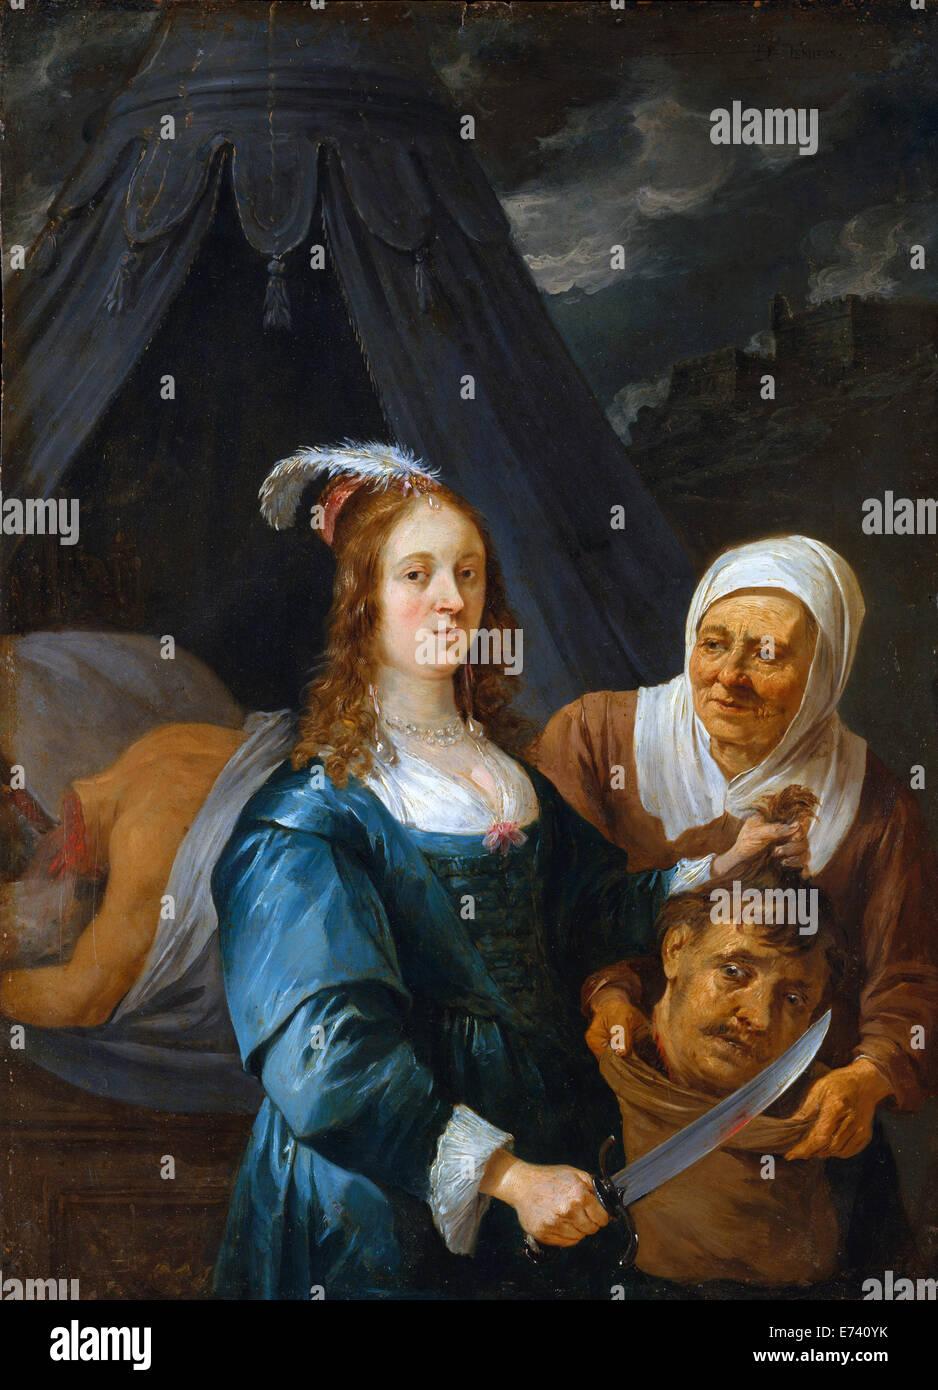 Judith avec la tête d'Holopherne - par David Teniers le Jeune, 1650 Photo Stock